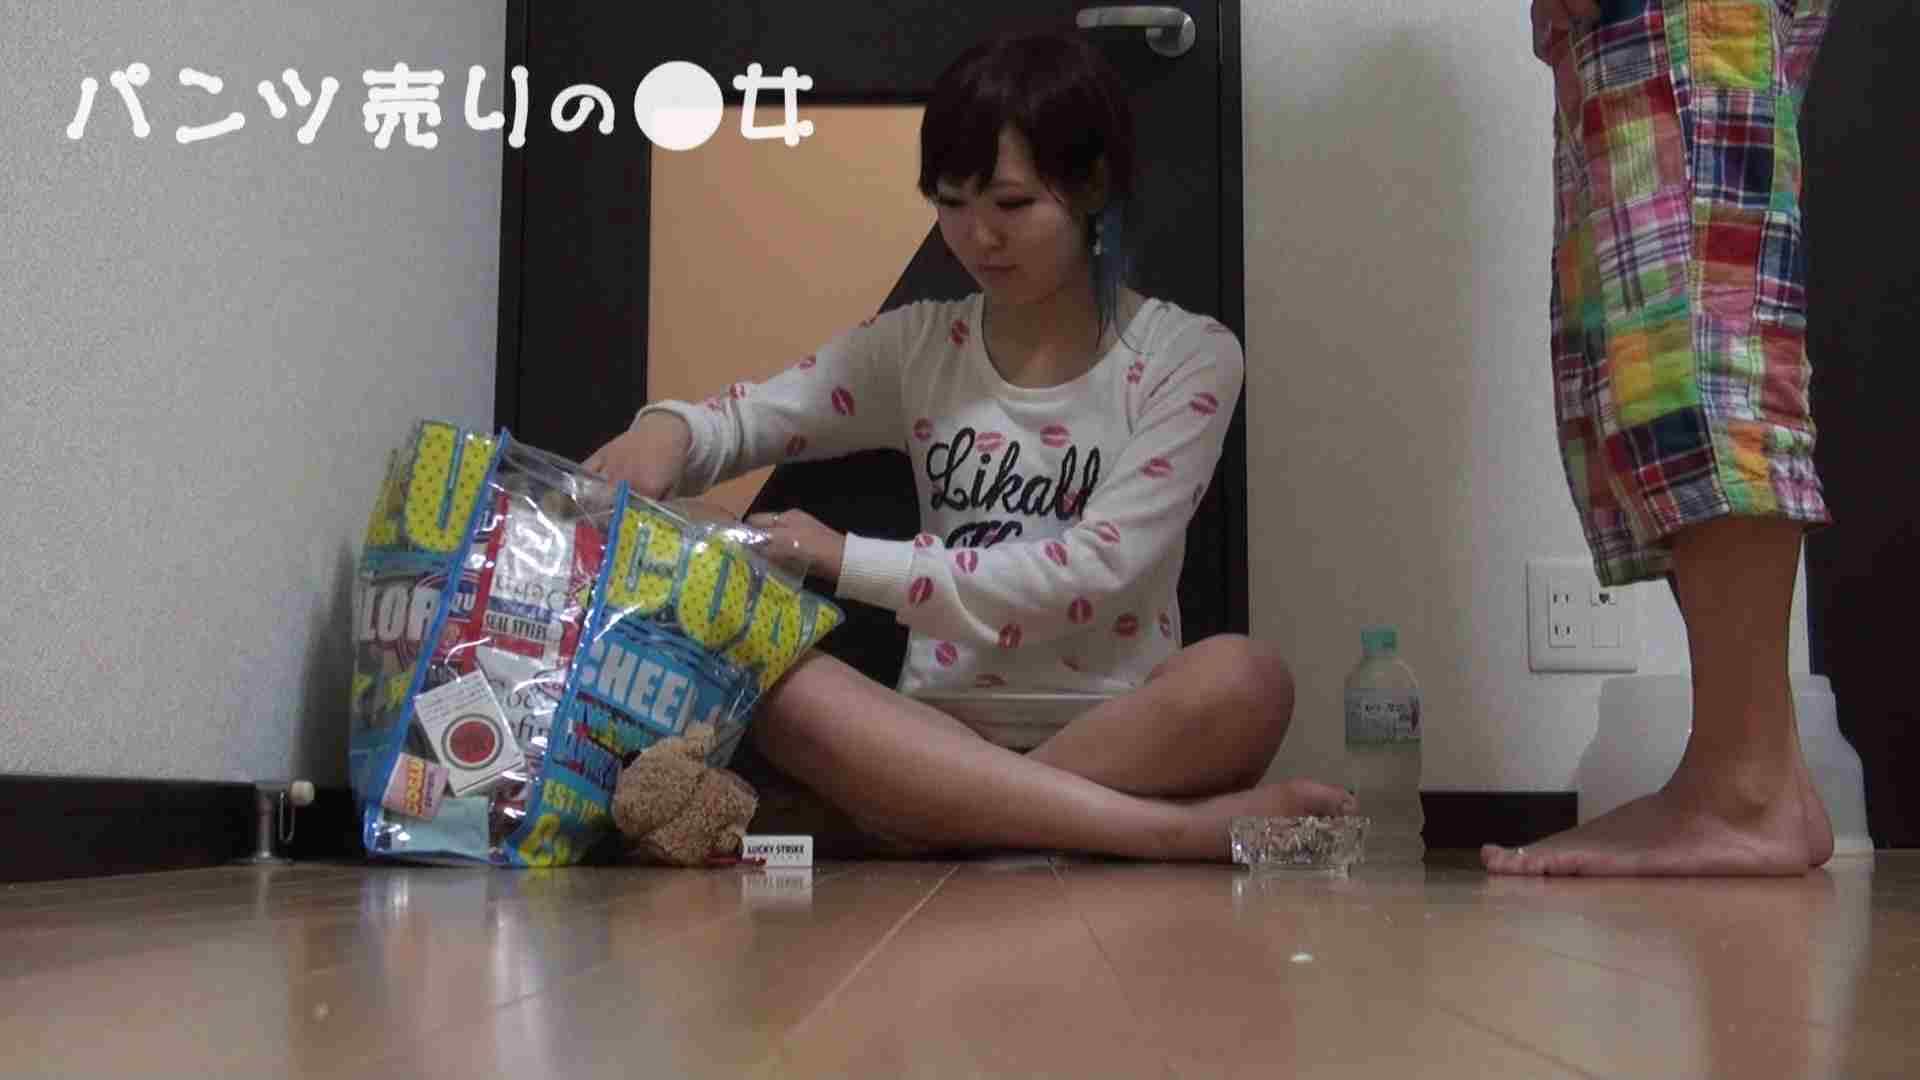 新説 パンツ売りの女の子nana02 覗き 隠し撮りオマンコ動画紹介 103PIX 7